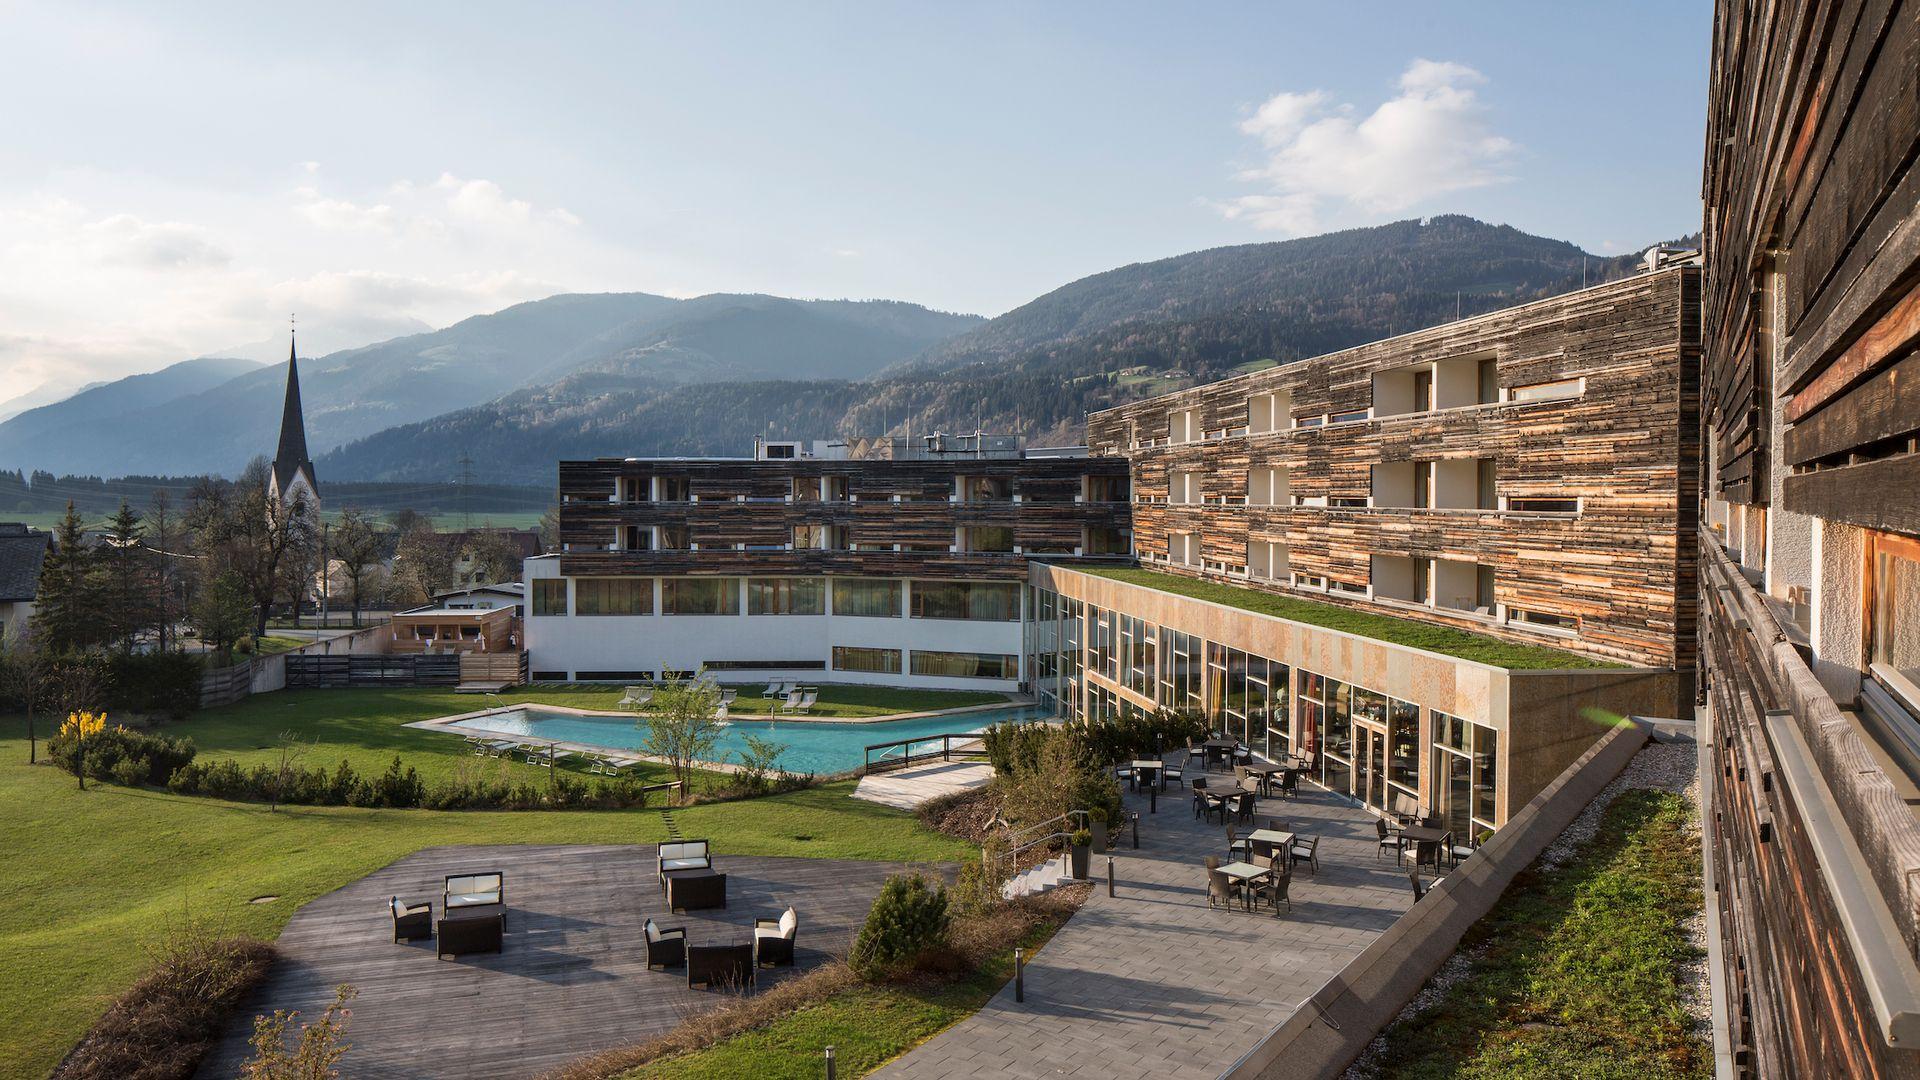 4* Falkensteiner Hotel & Spa Carinzia